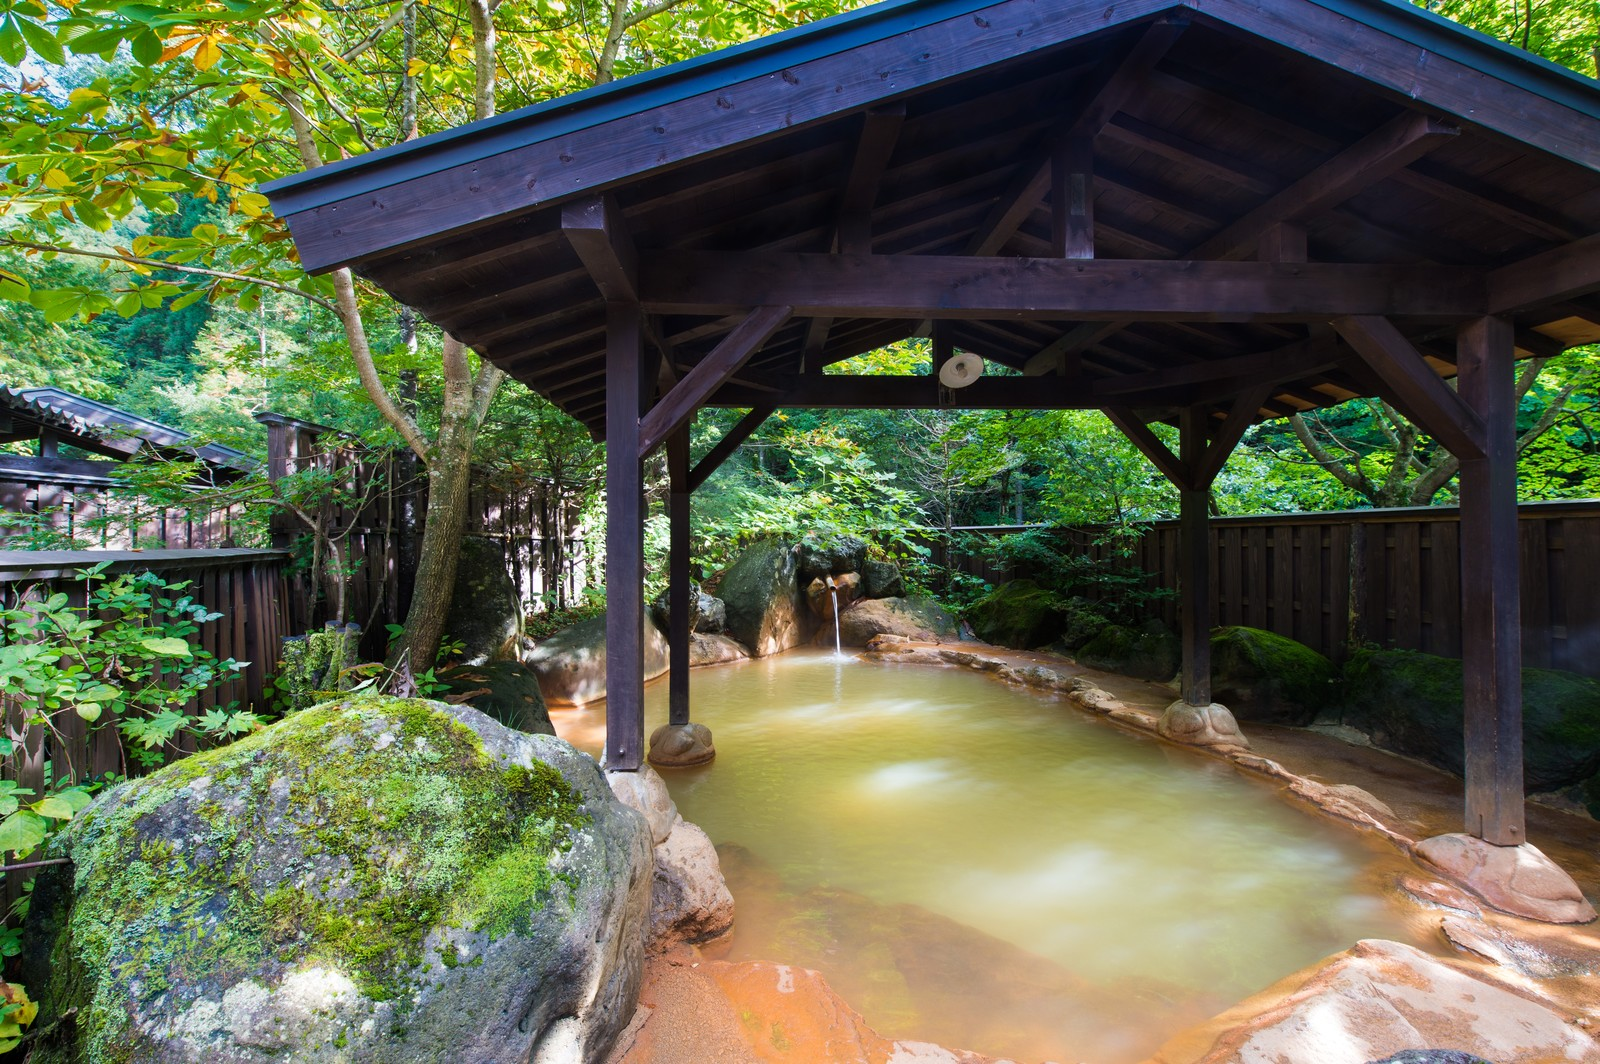 「限りなく天然に近い「平湯民俗館」の源泉かけ流し露天風呂」の写真